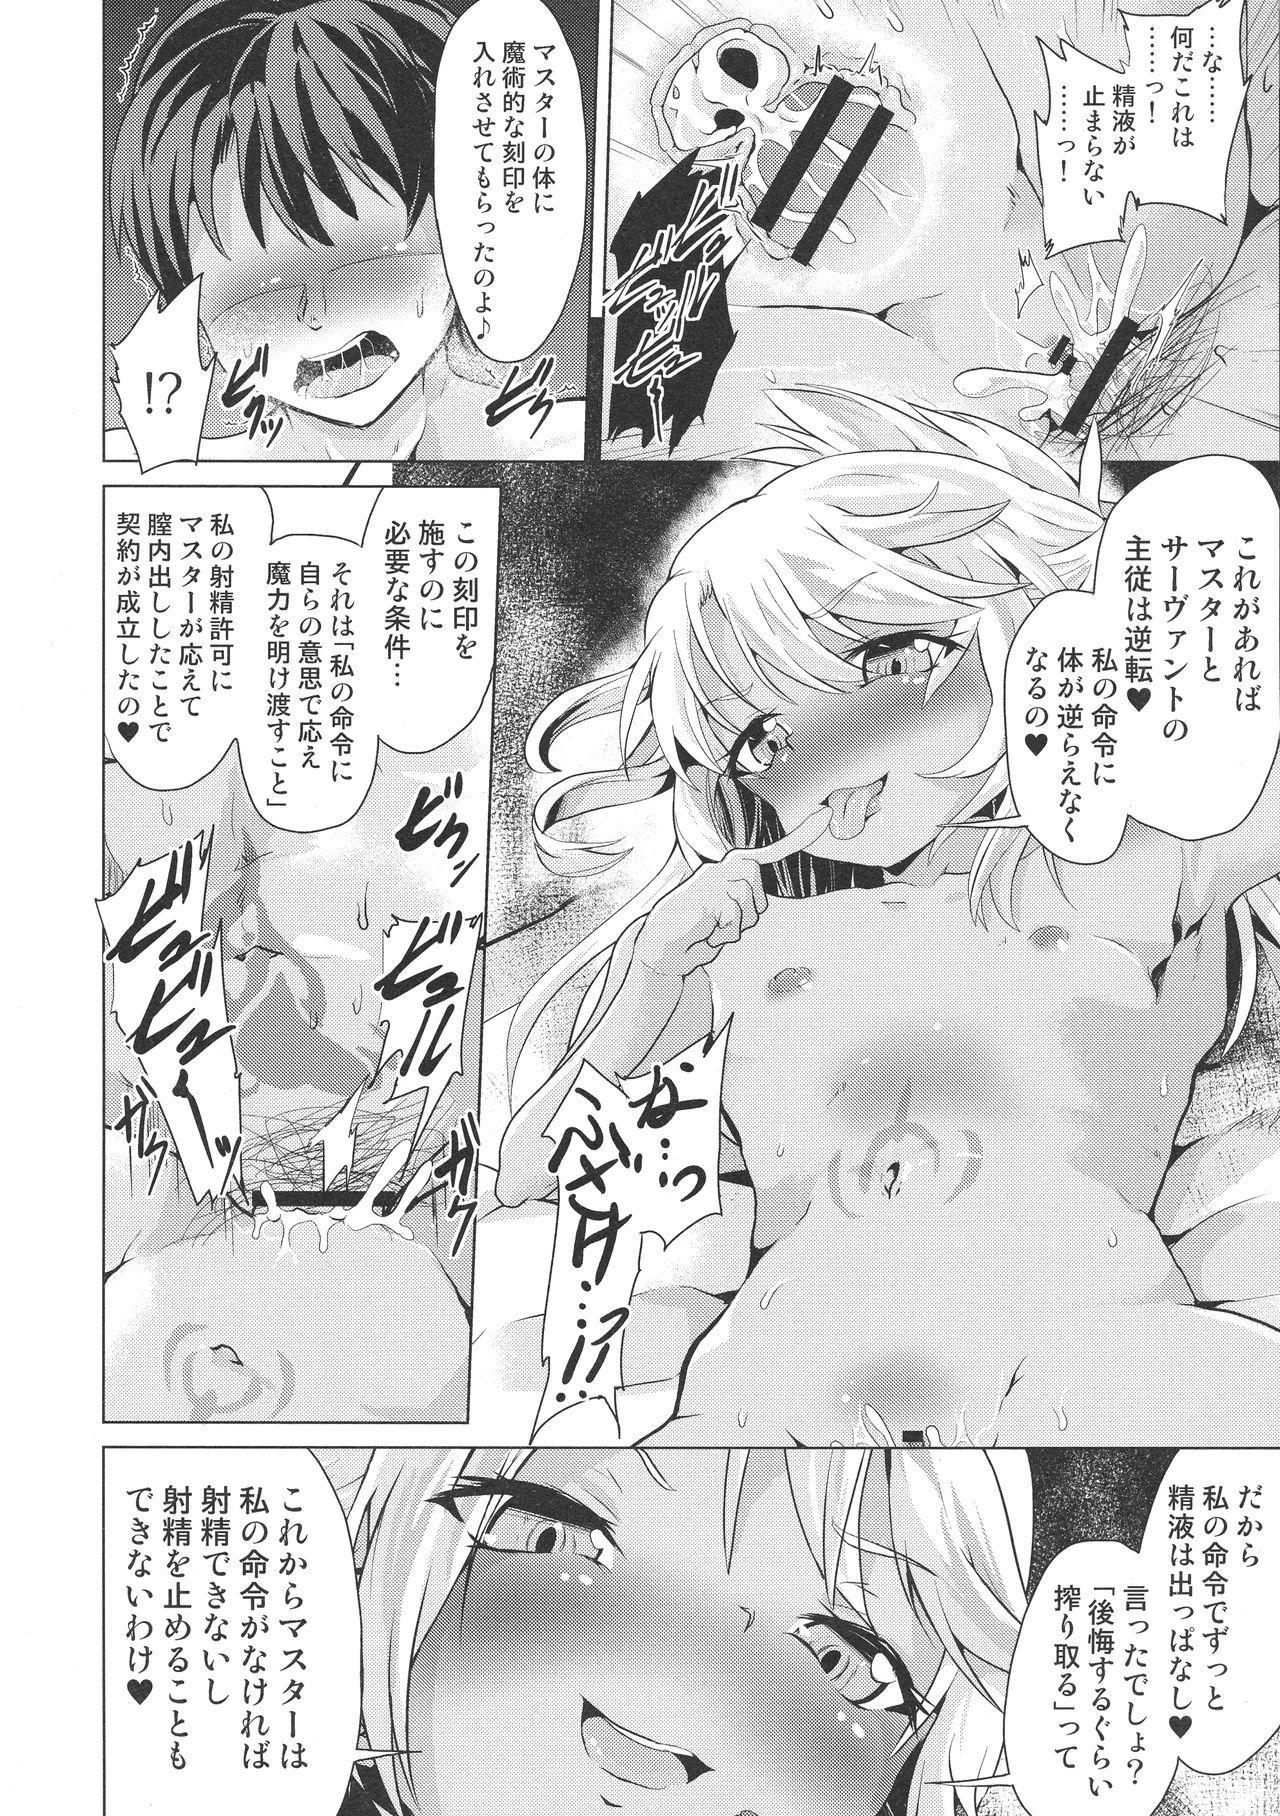 Kuro no Shasei Kanri 23